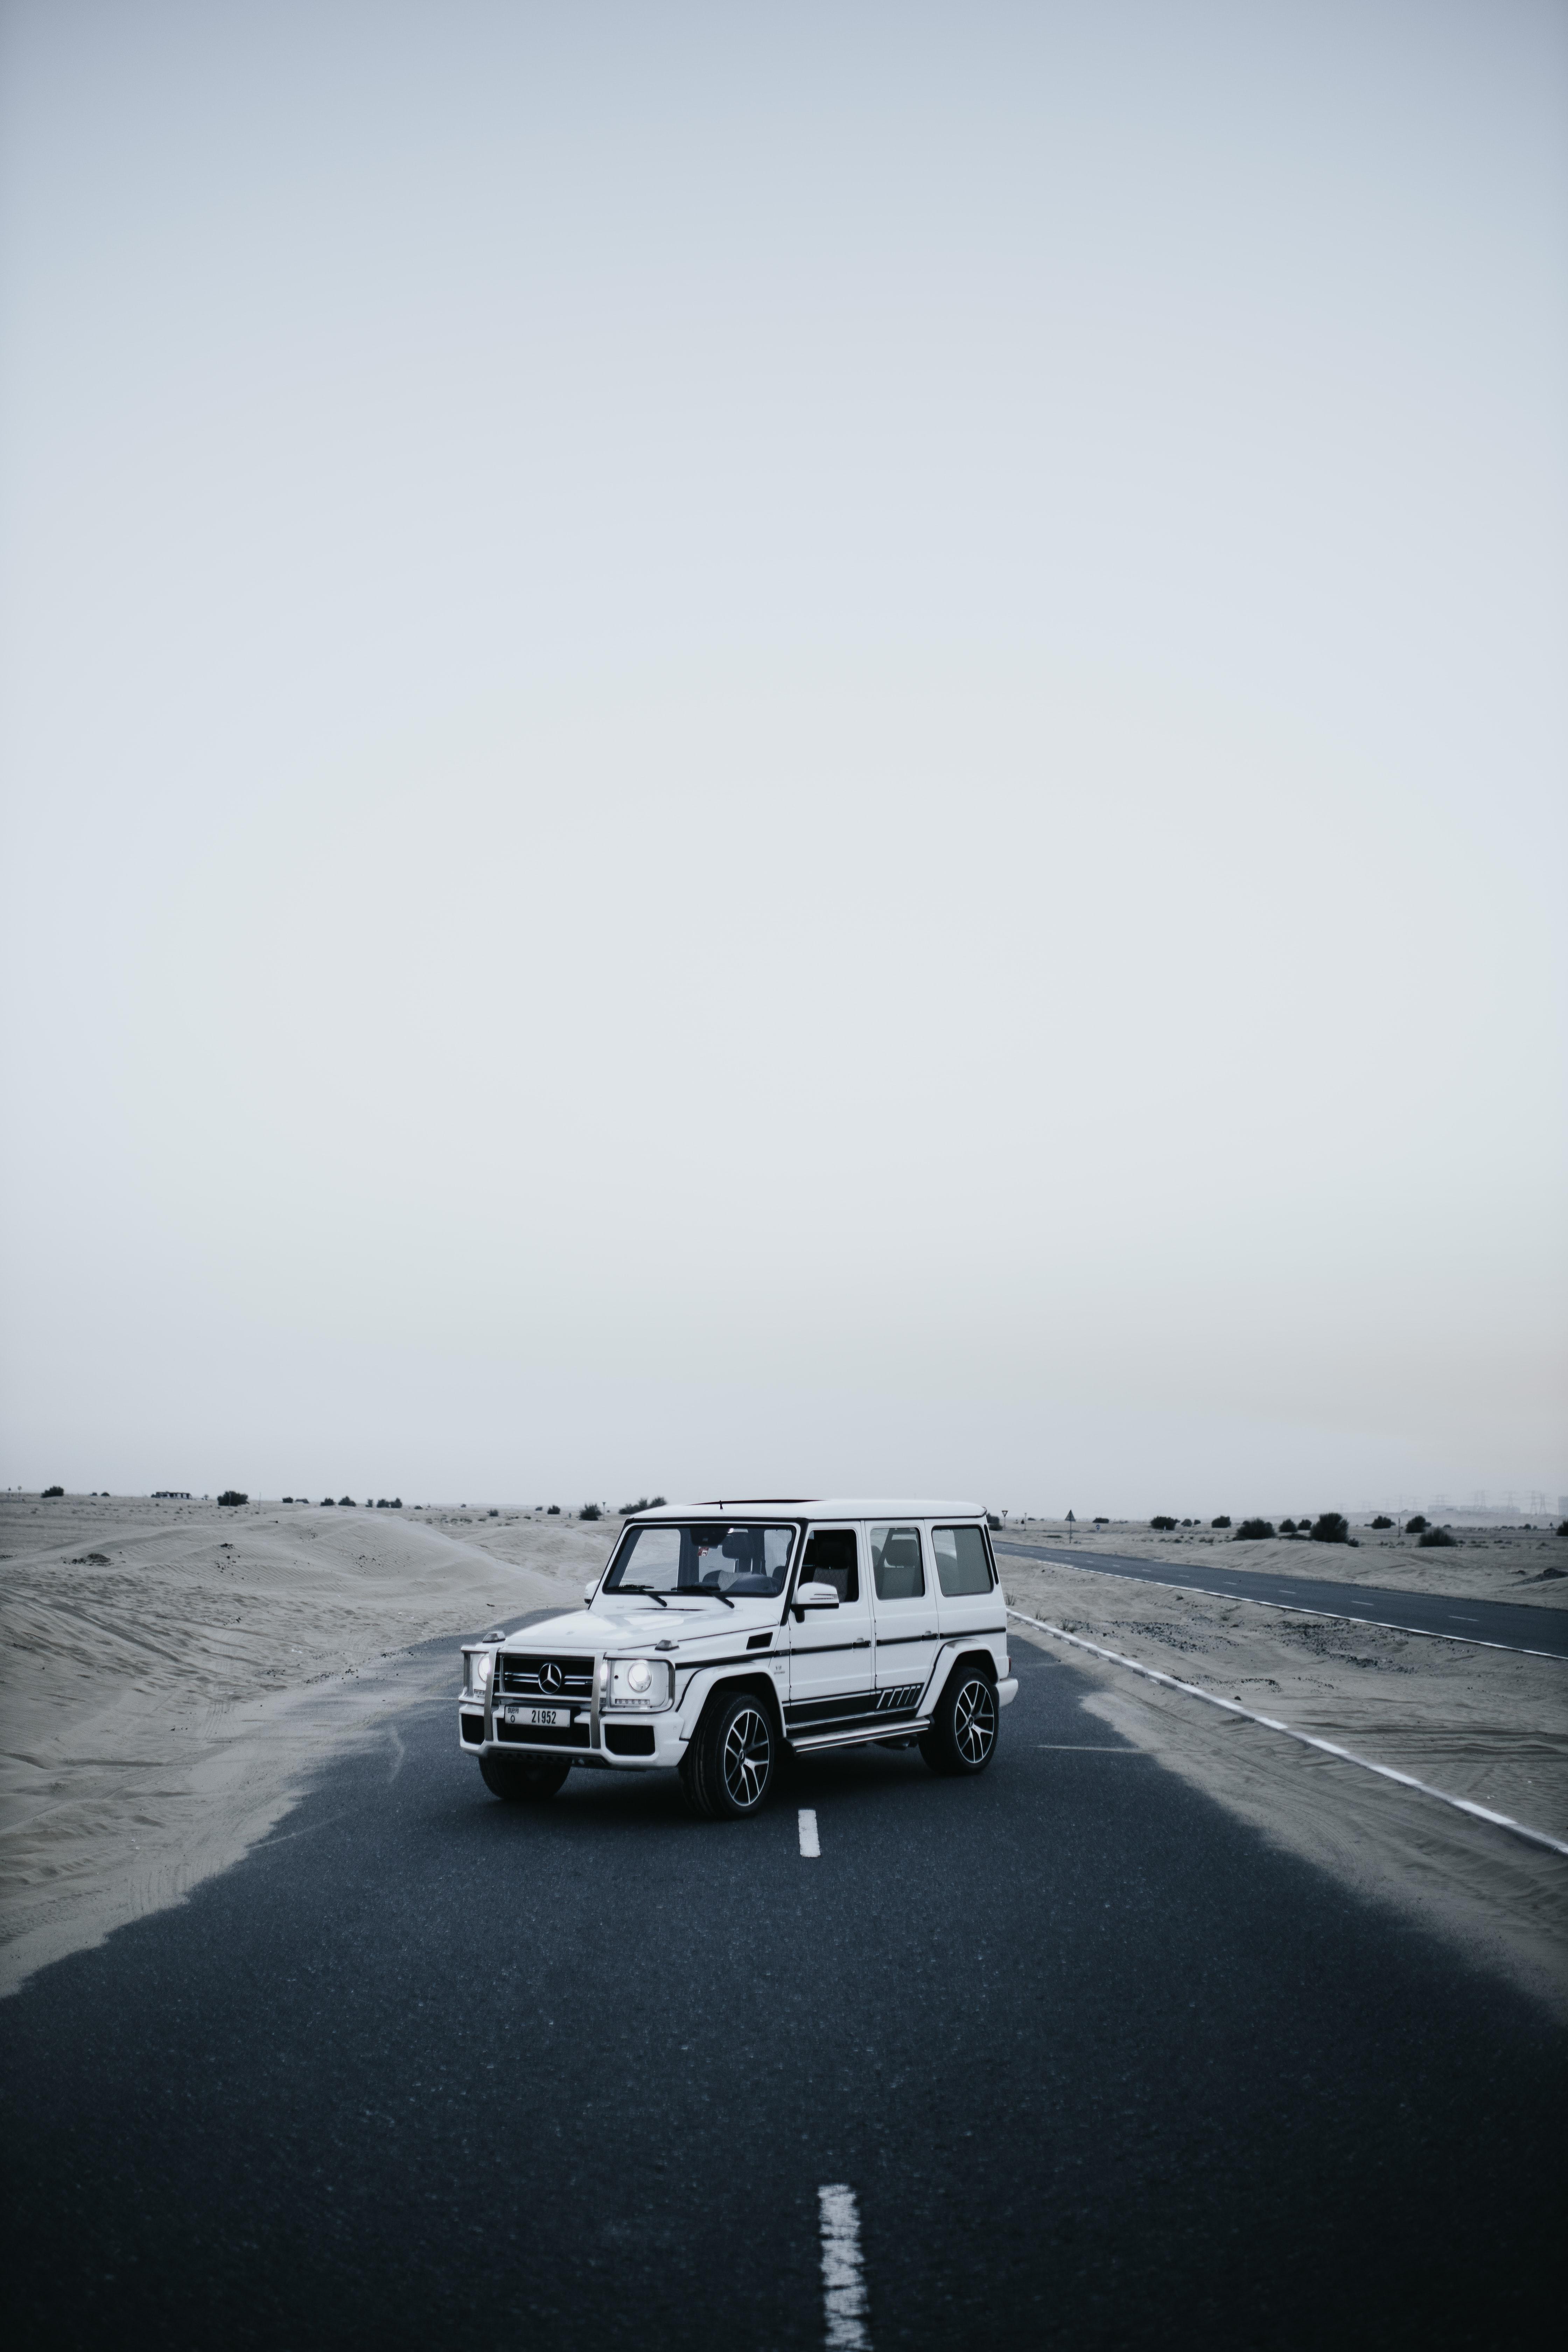 95022 Hintergrundbild herunterladen Auto, Mercedes, Wüste, Cars, Straße, Wagen, Suv - Bildschirmschoner und Bilder kostenlos